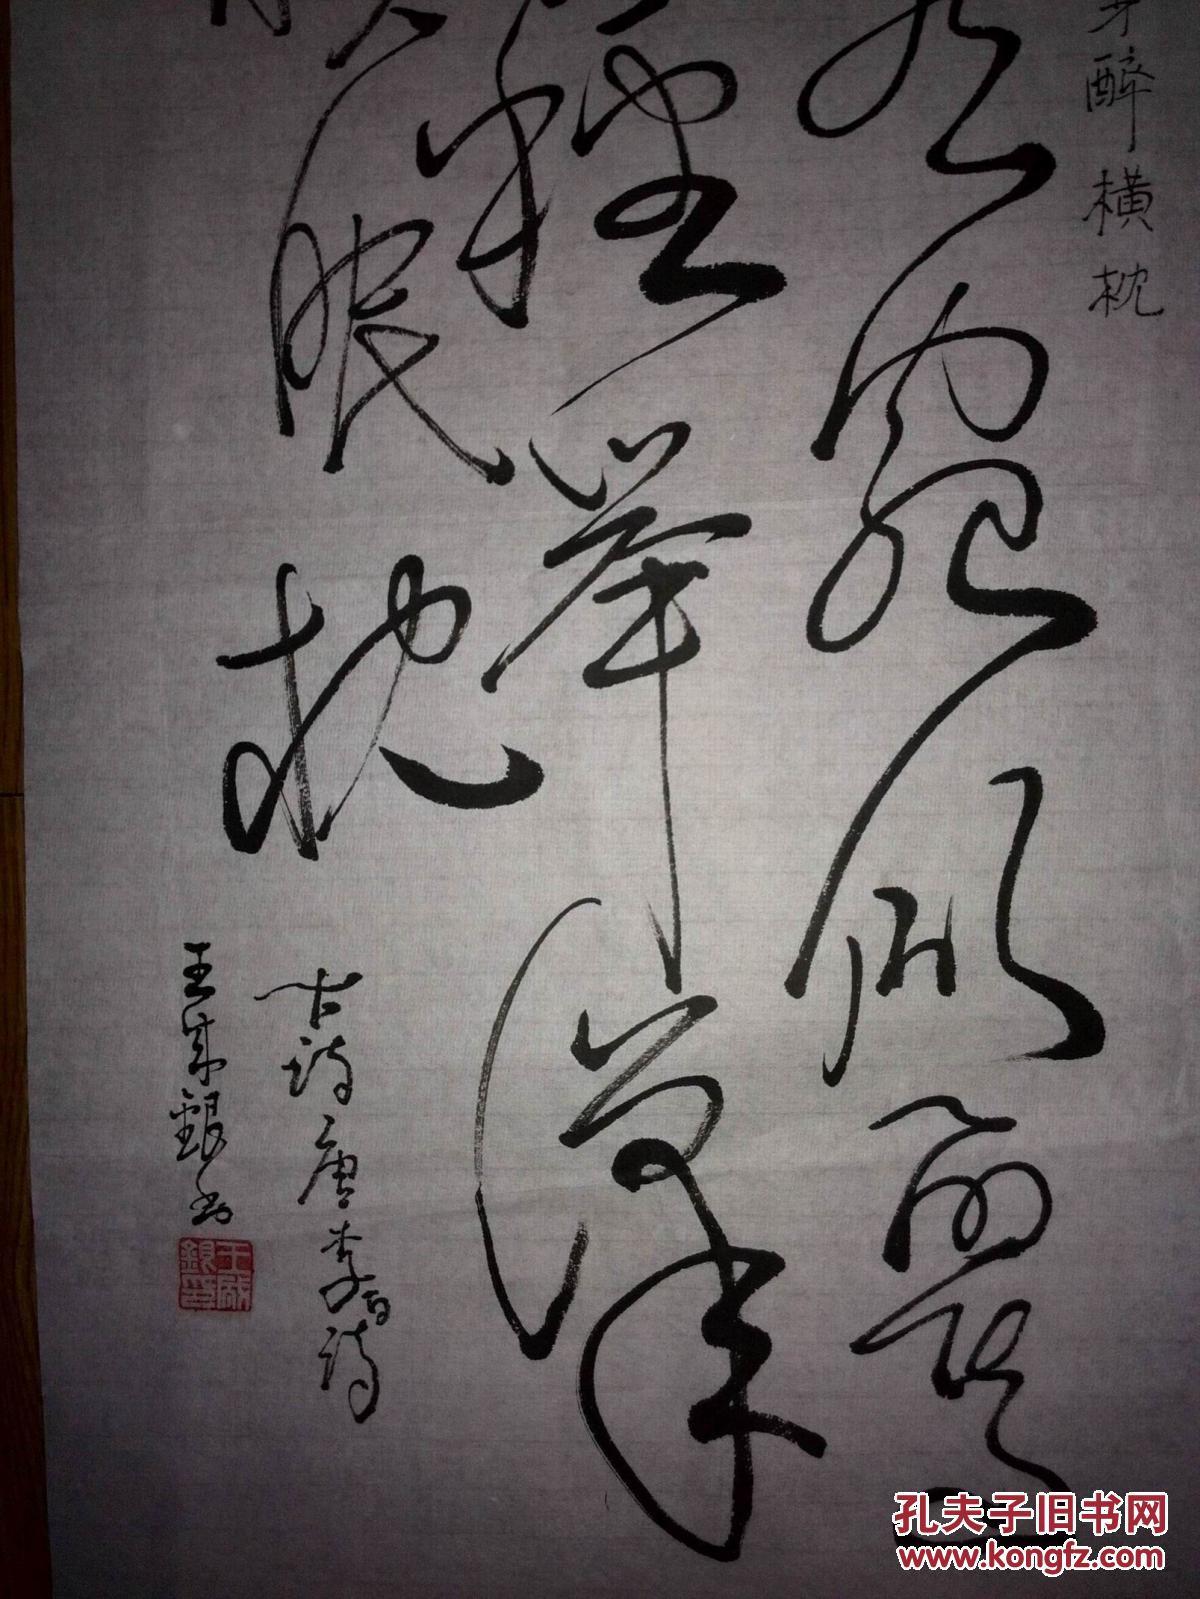 李白关山月硬笔书法分享展示图片